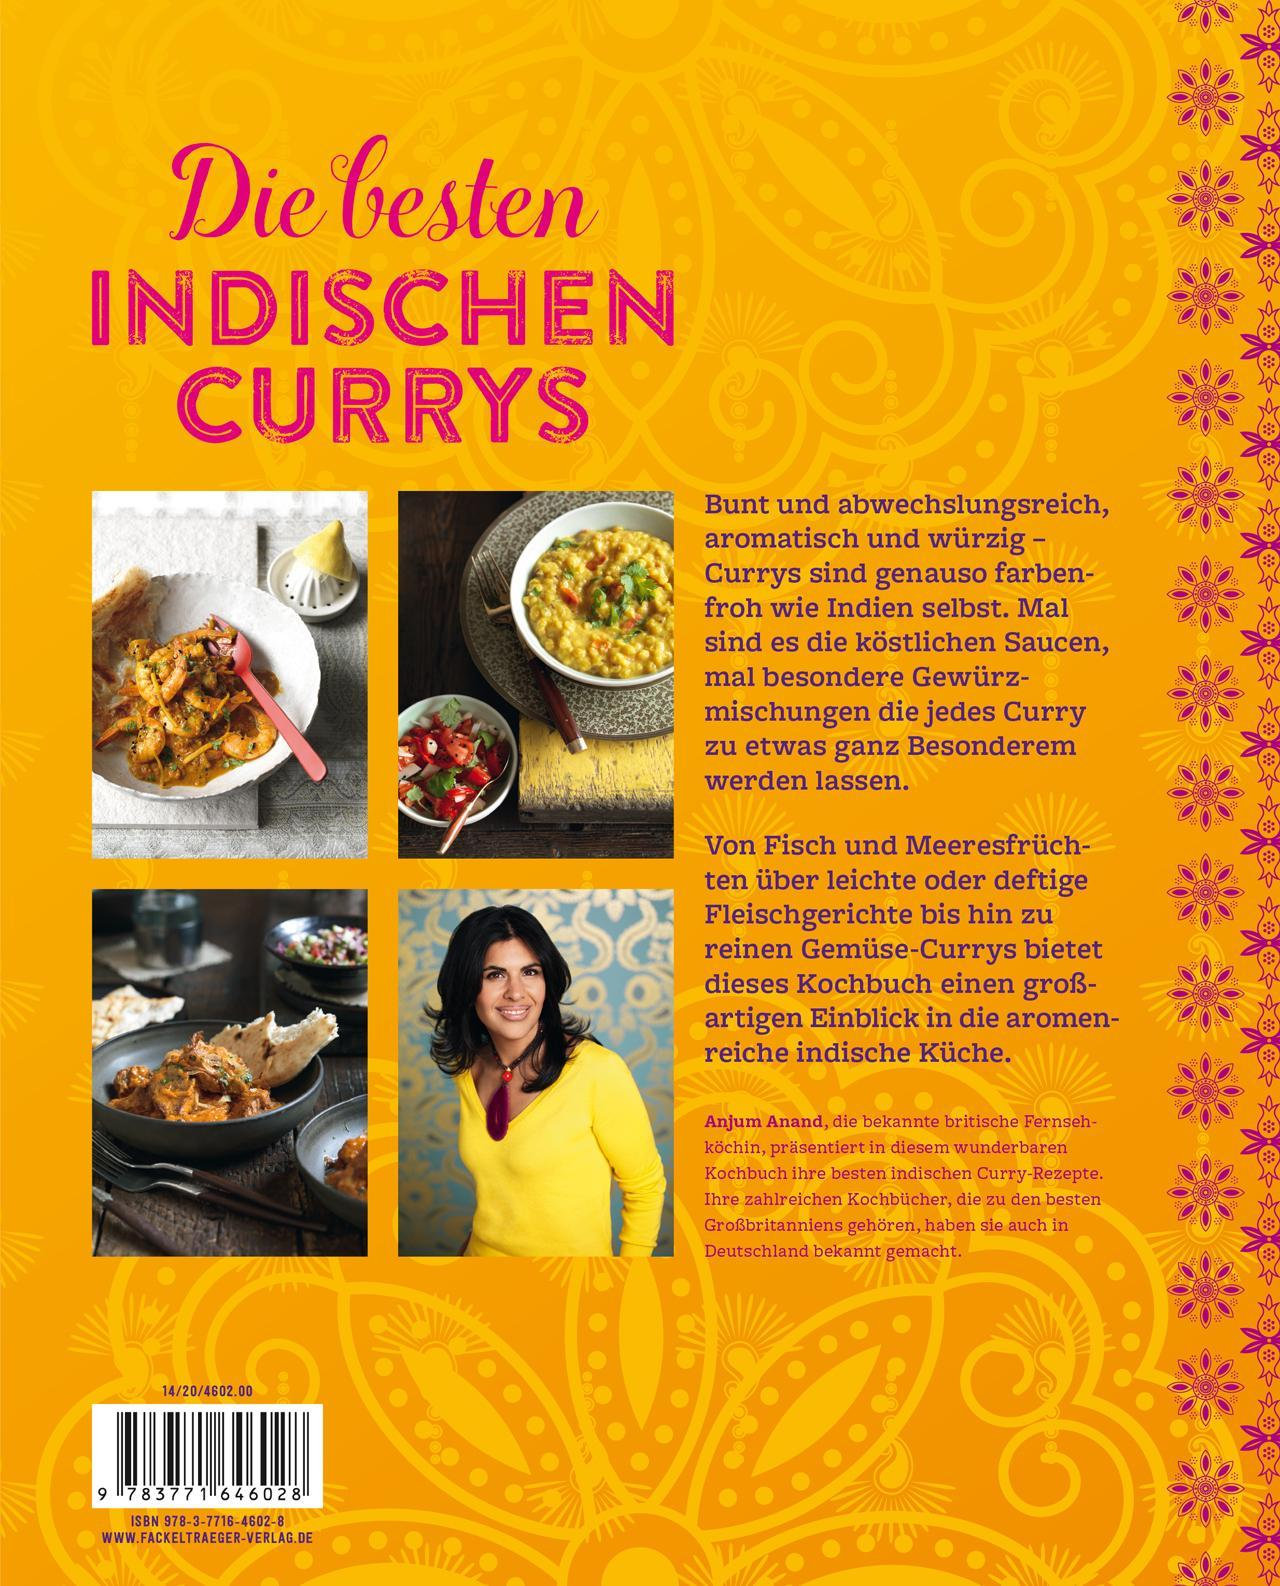 Die besten indischen Currys: Amazon.de: Anjum Anand: Bücher